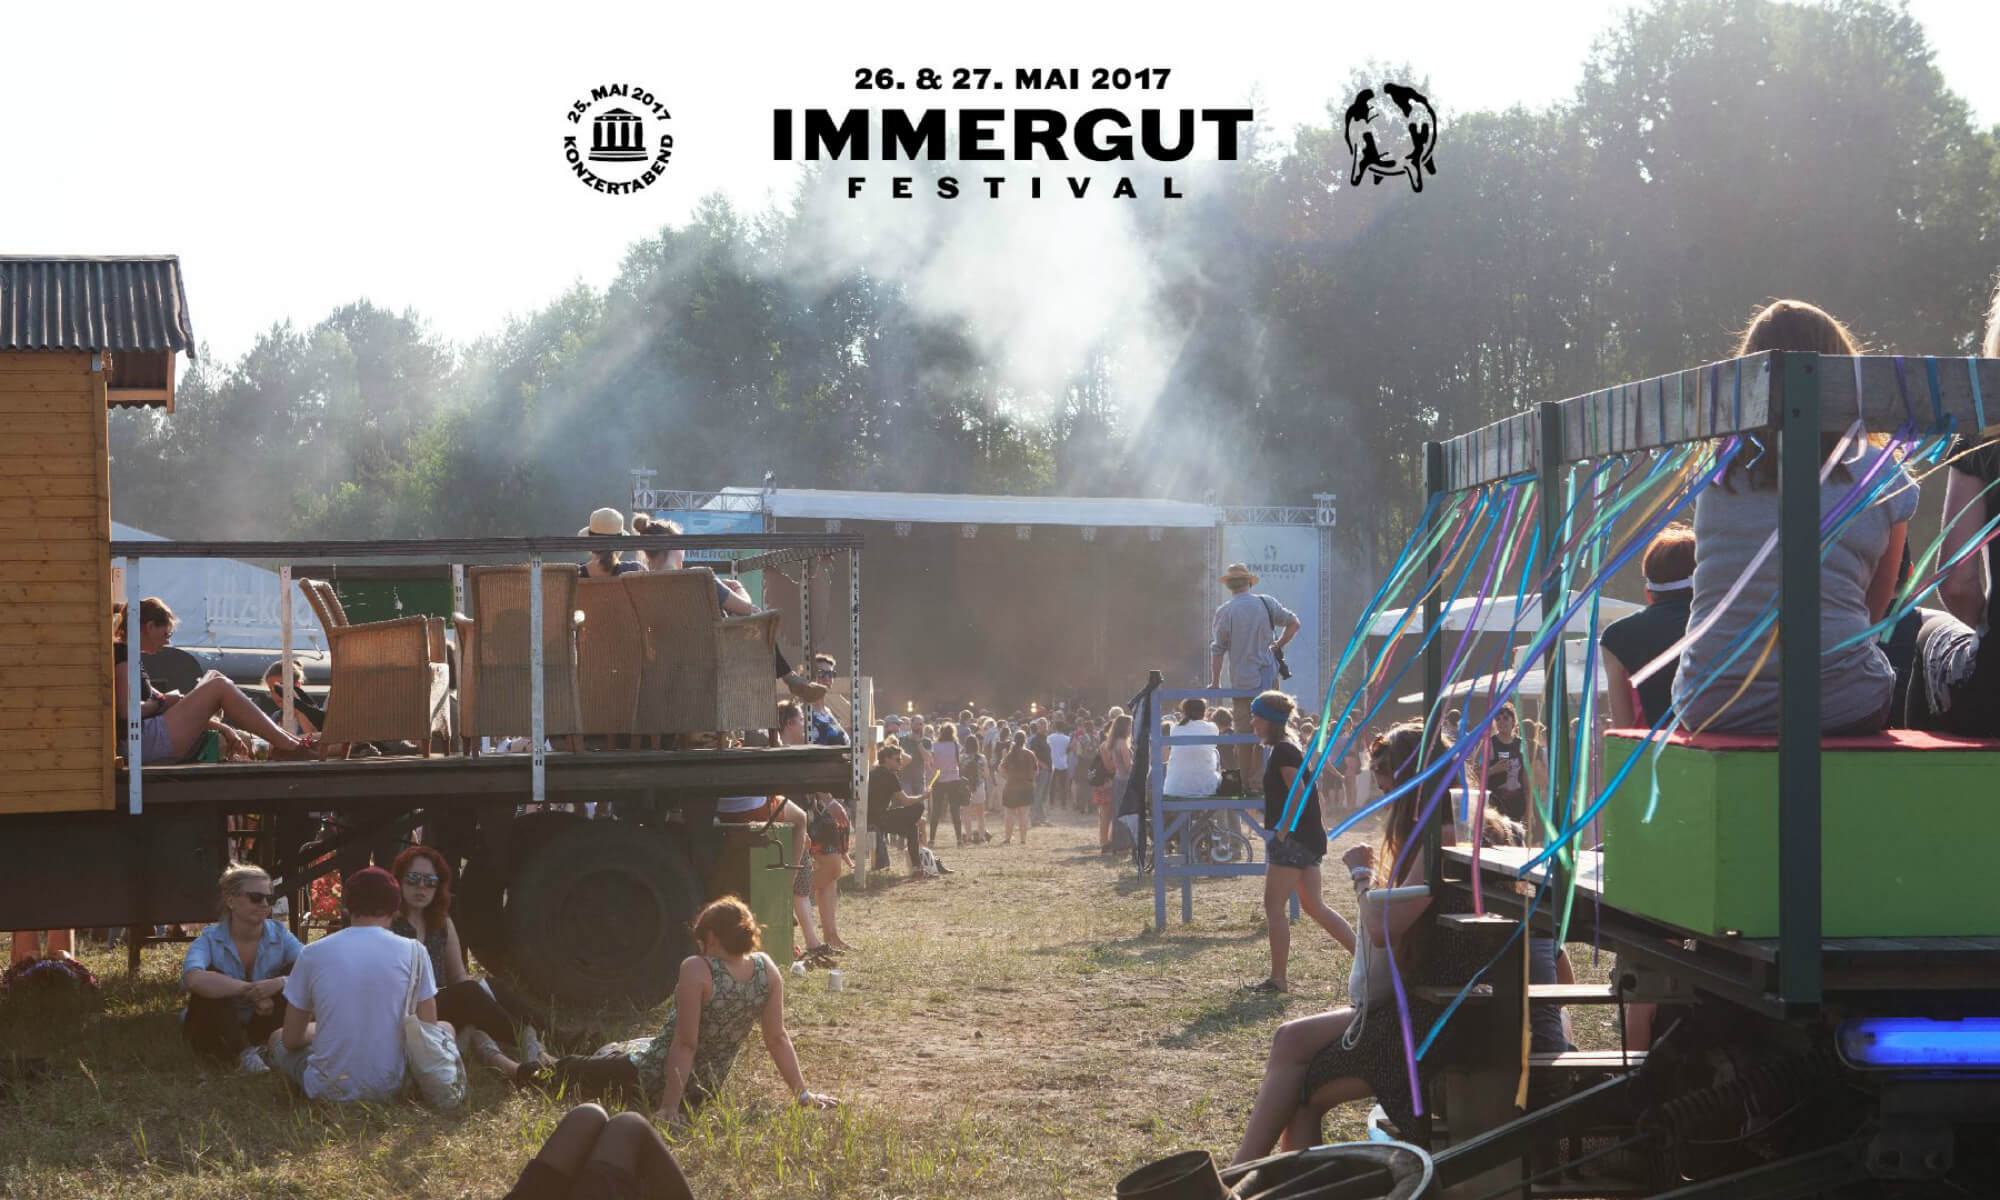 via Immergut Festival